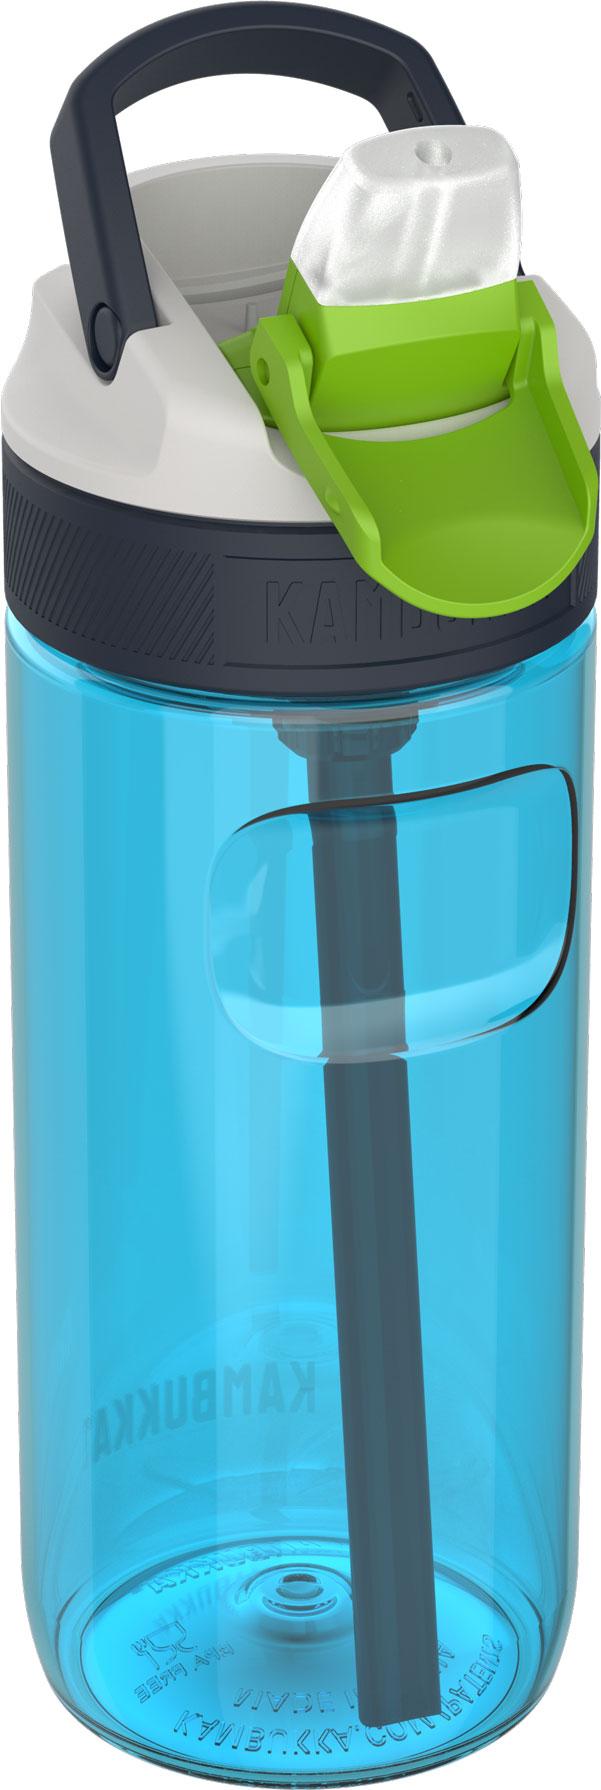 """בקבוק שתיה ילדים 500 מ""""ל כחול Kambukka Lagoon Topaz Blue קמבוקה"""